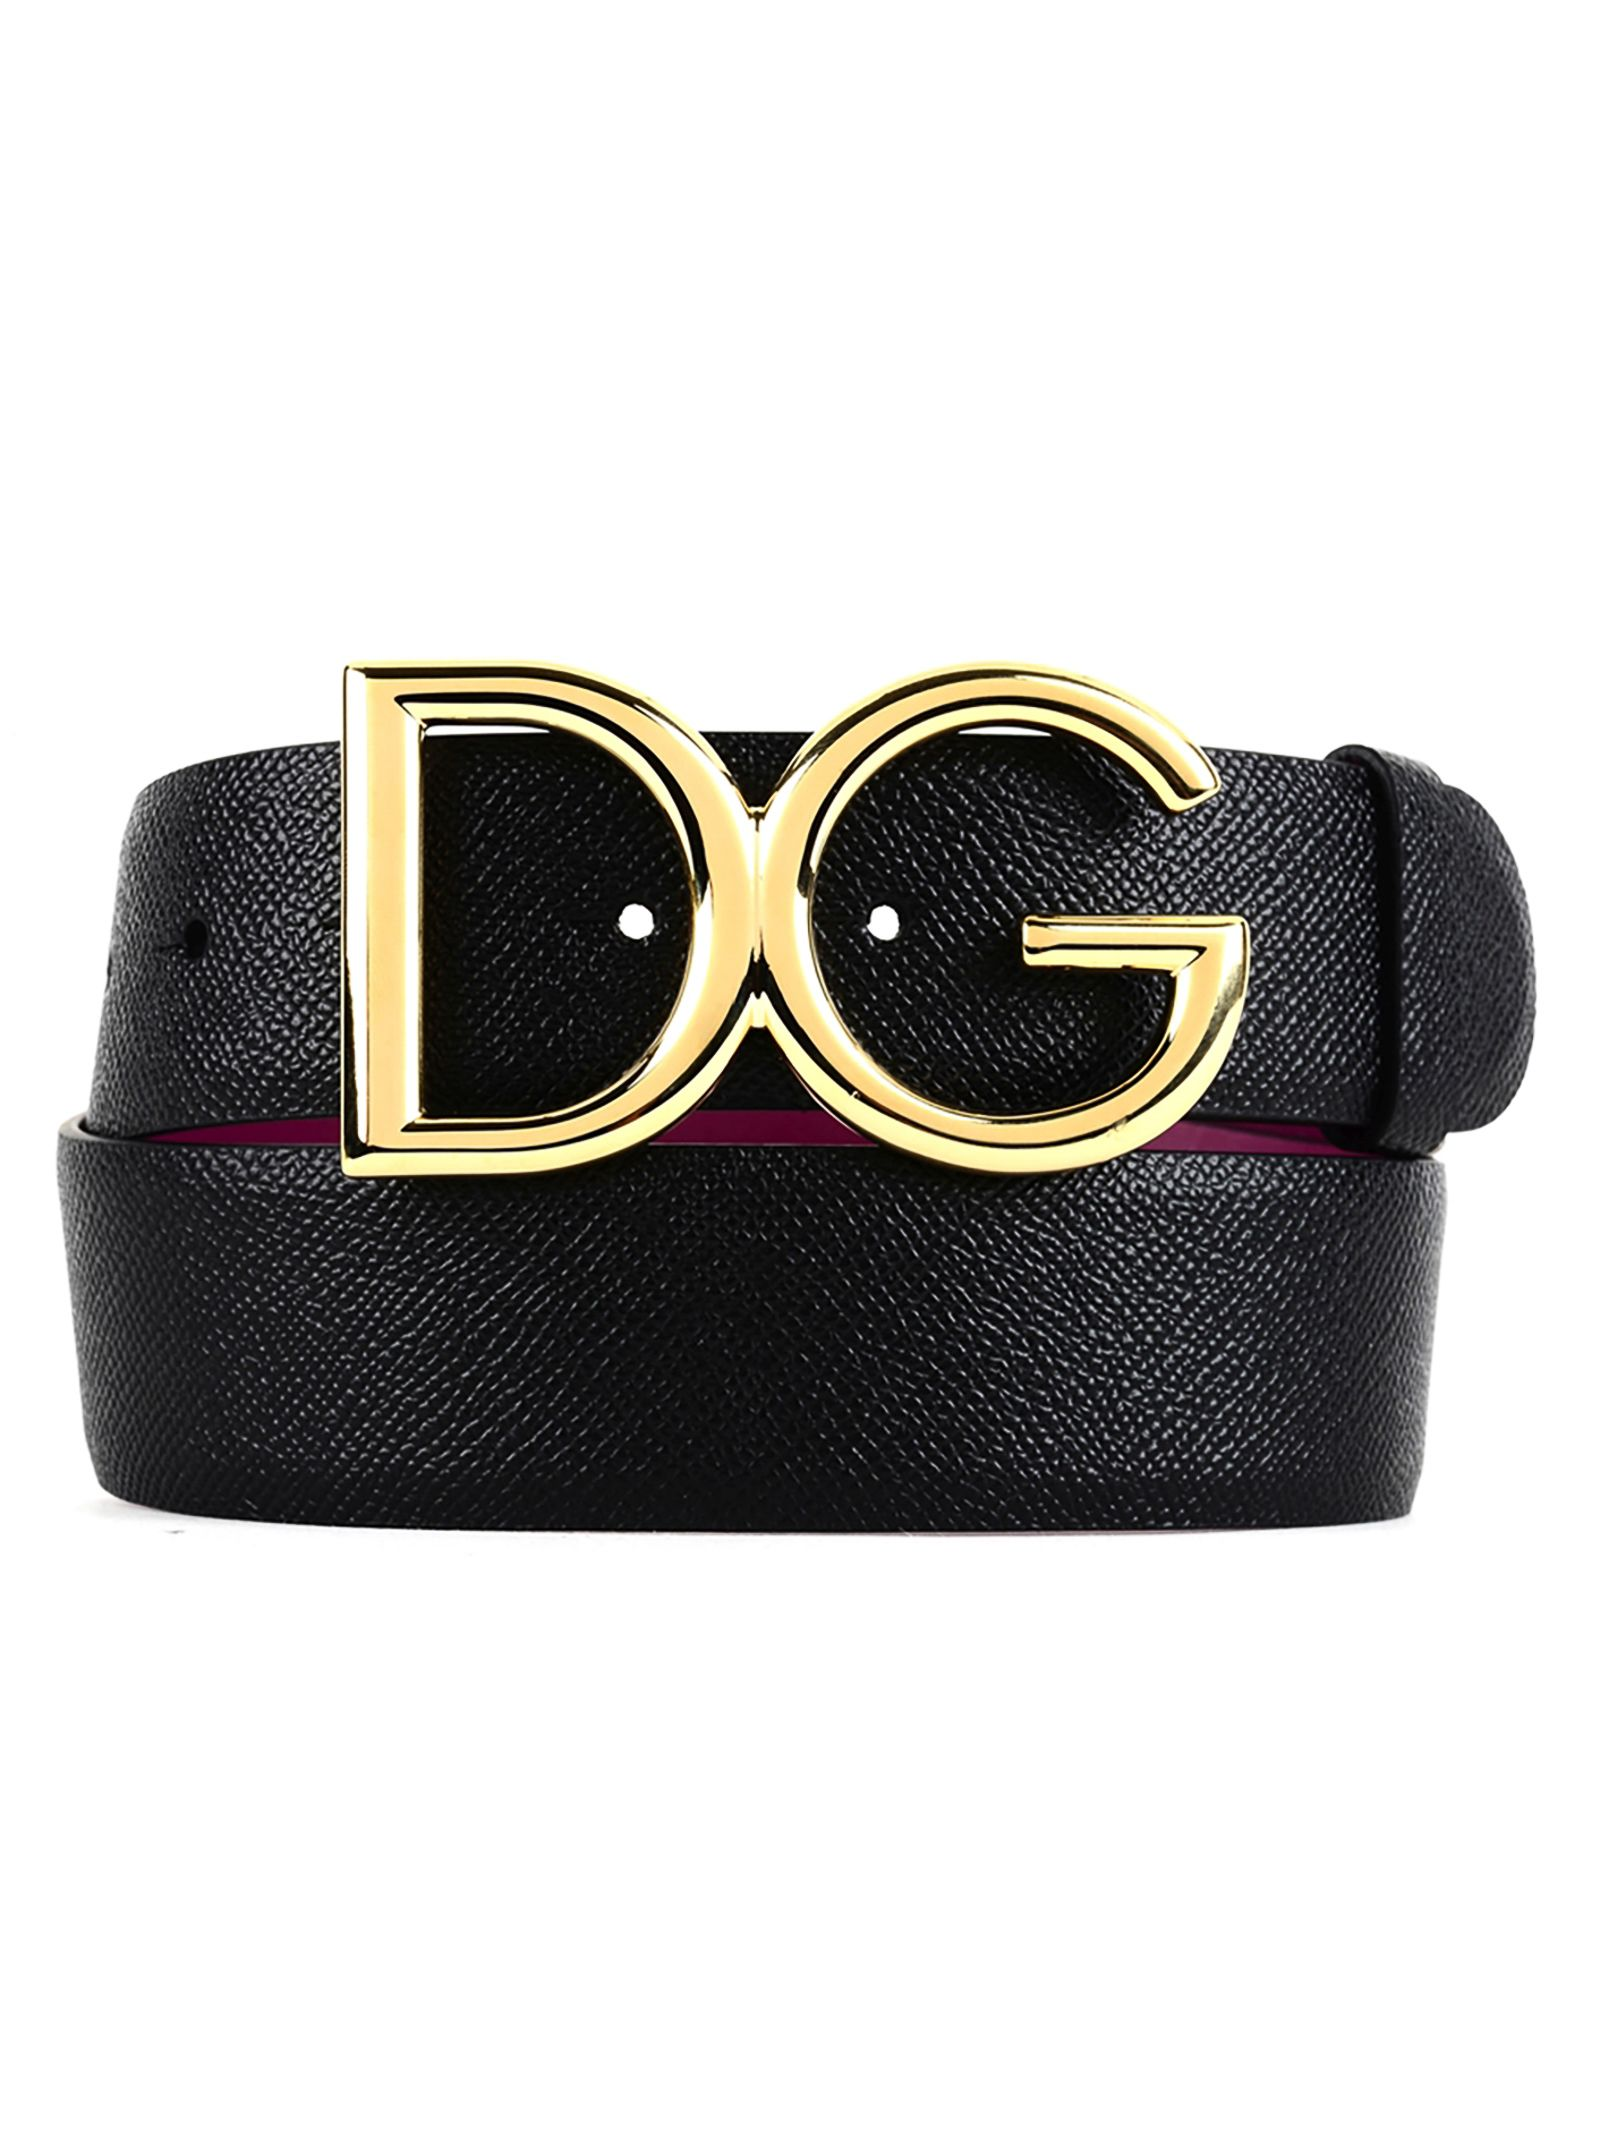 Dolce & Gabbana Dolce & gabbana Belt